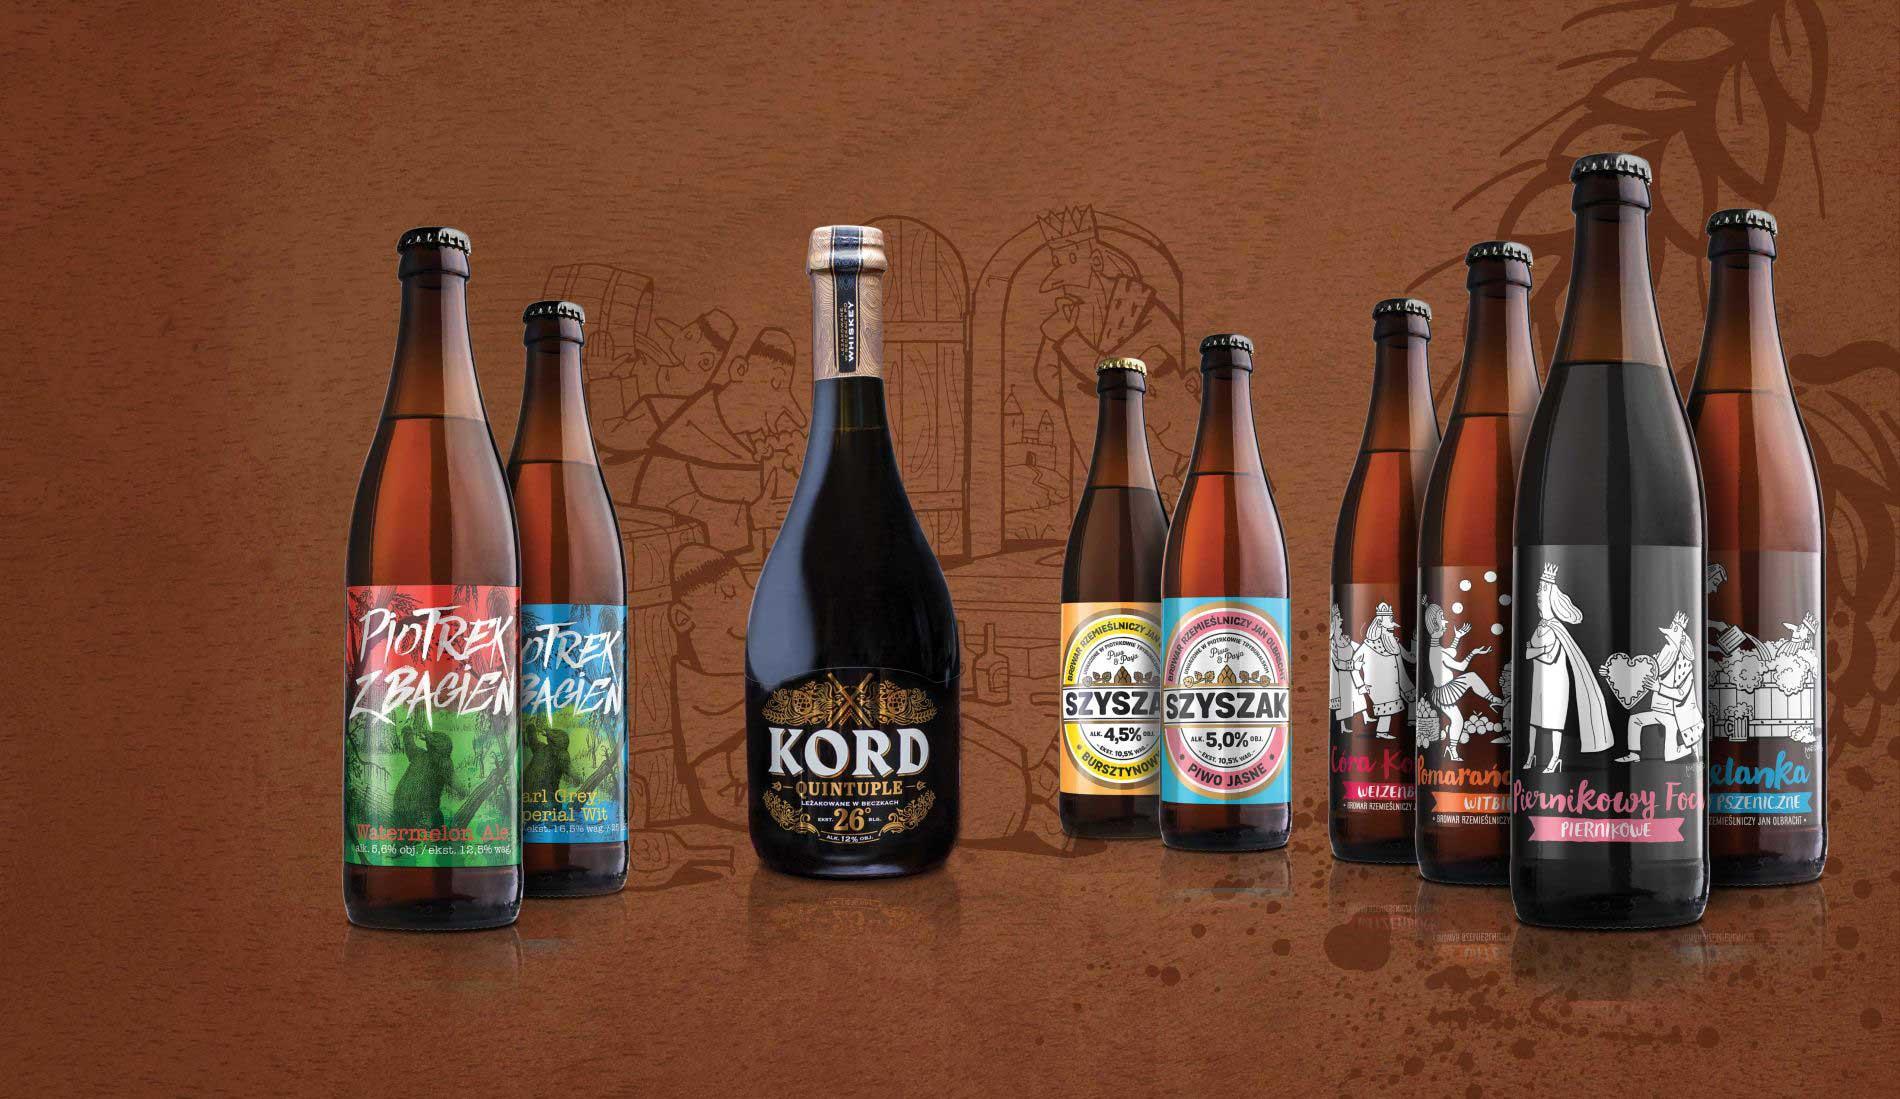 Browar Olbracht, tradycyjnie warzone piwa